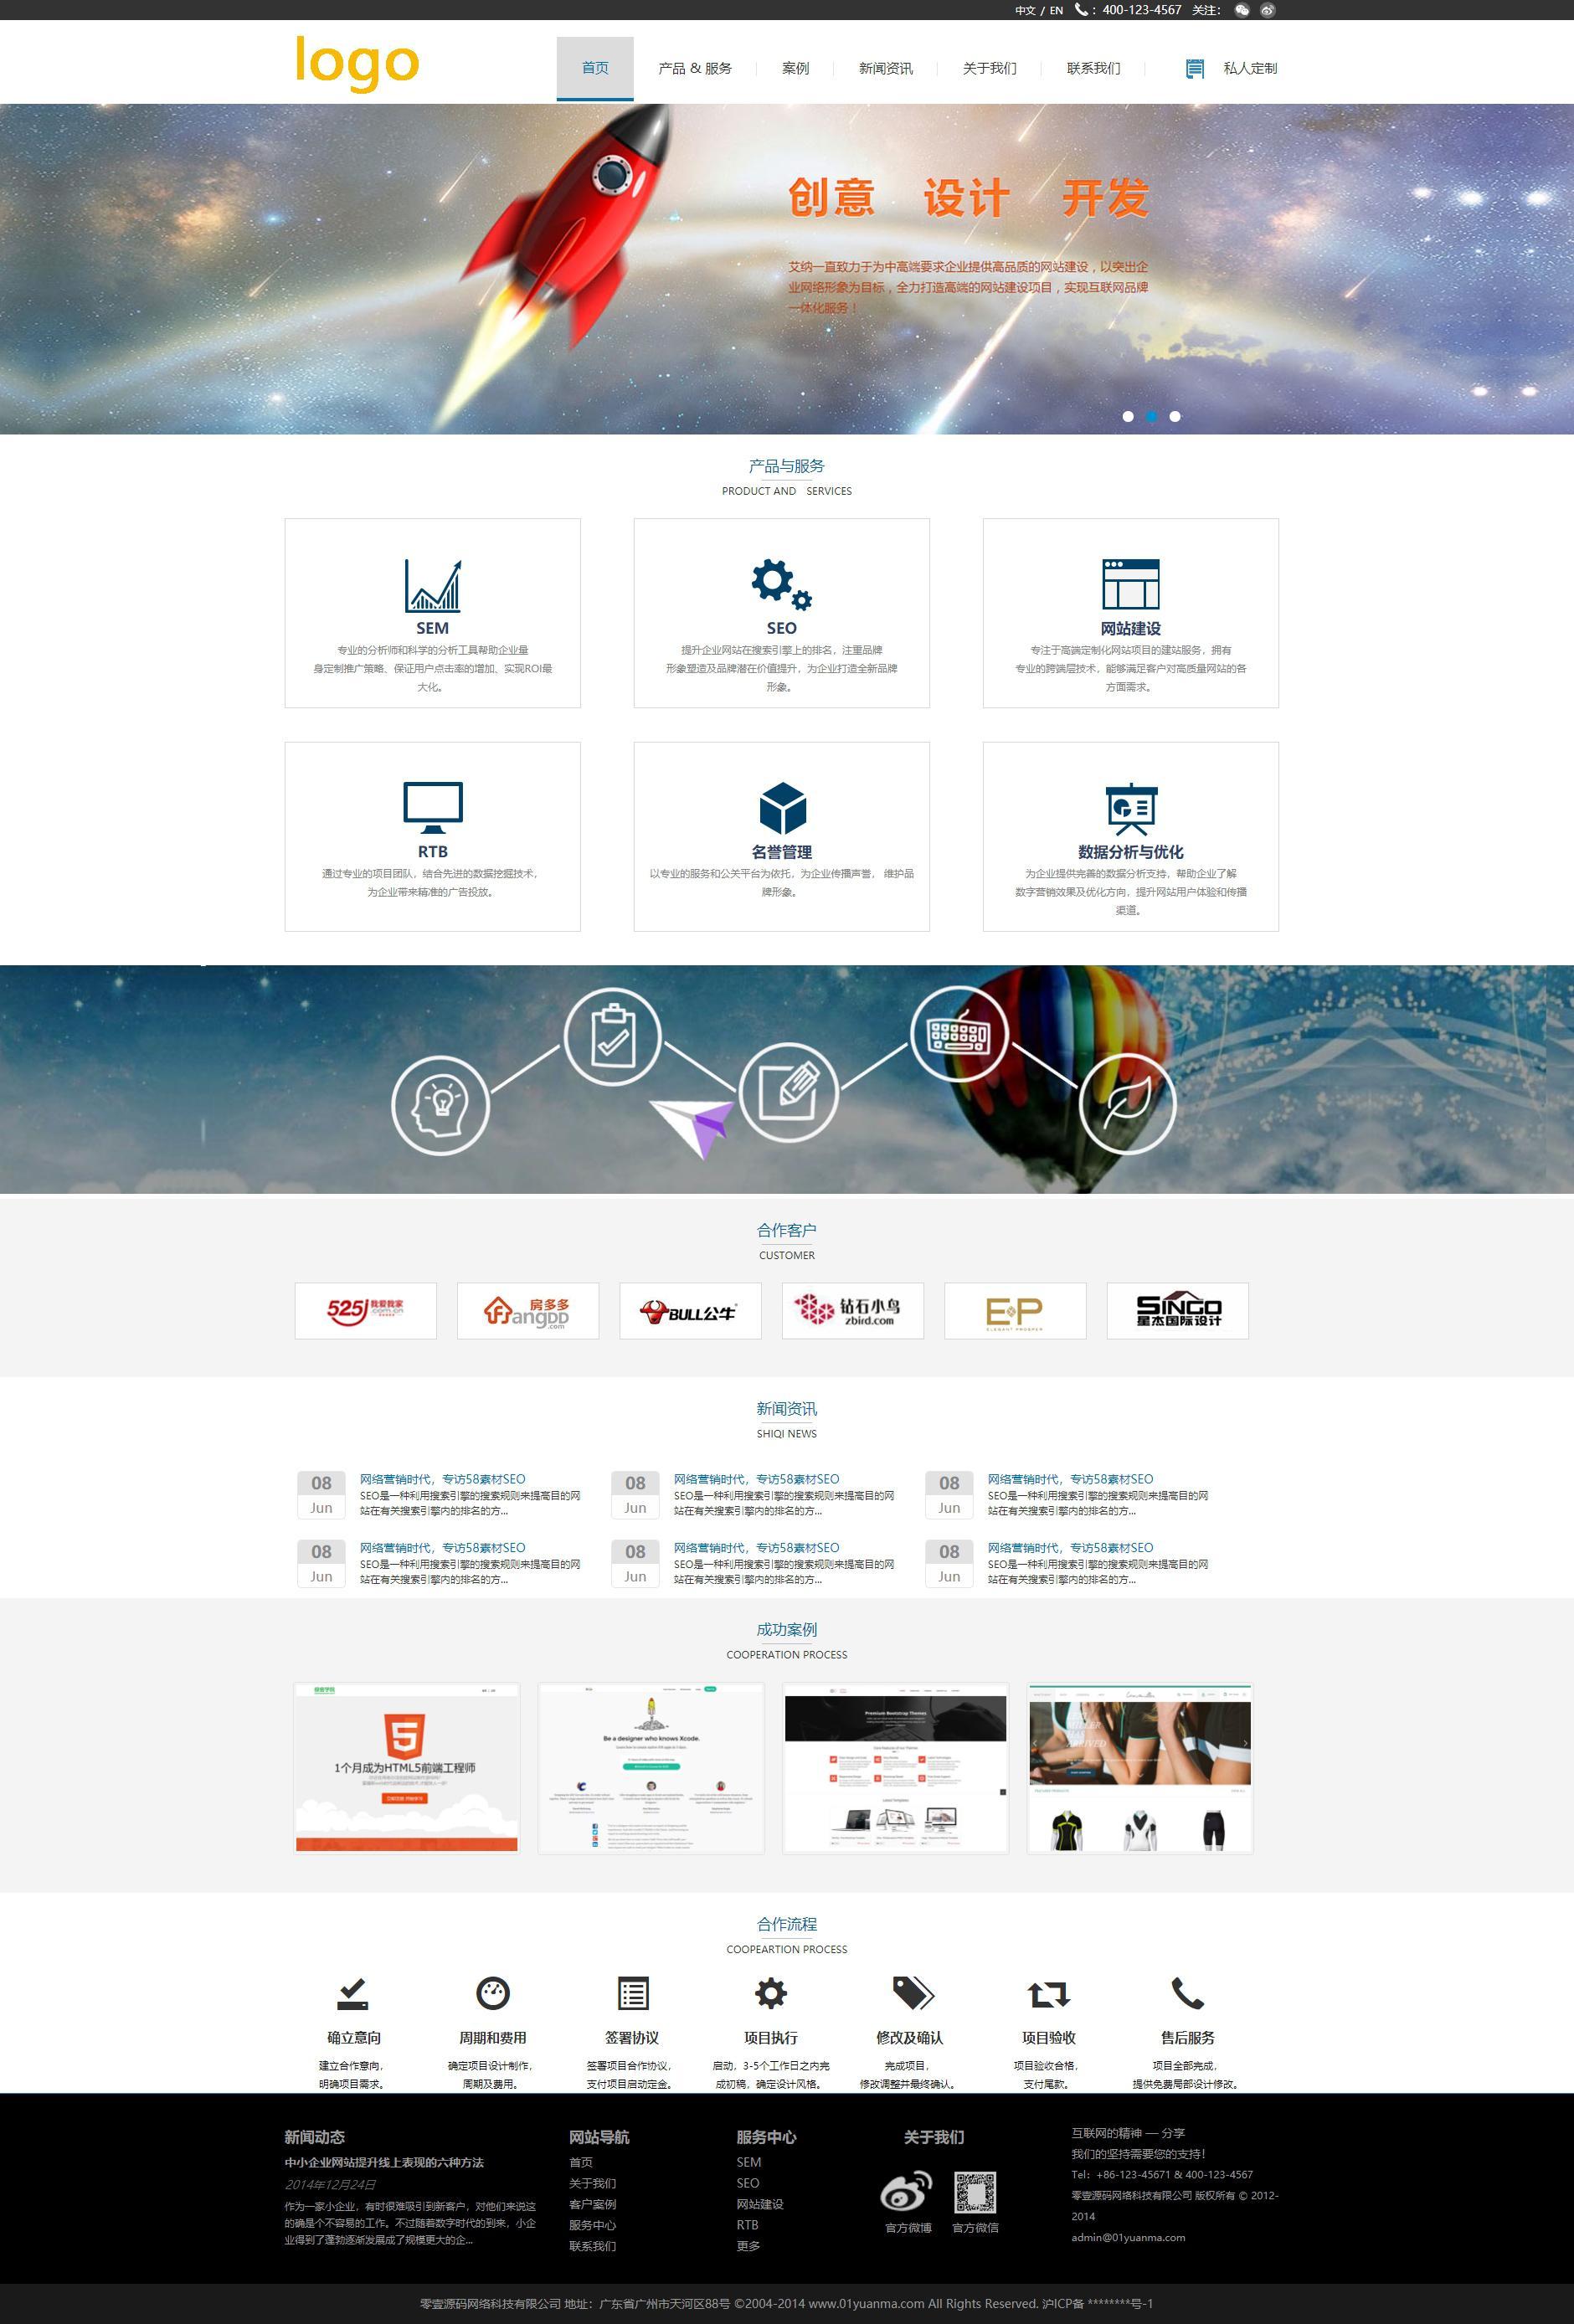 实用的网络营销服务公司网页html模板